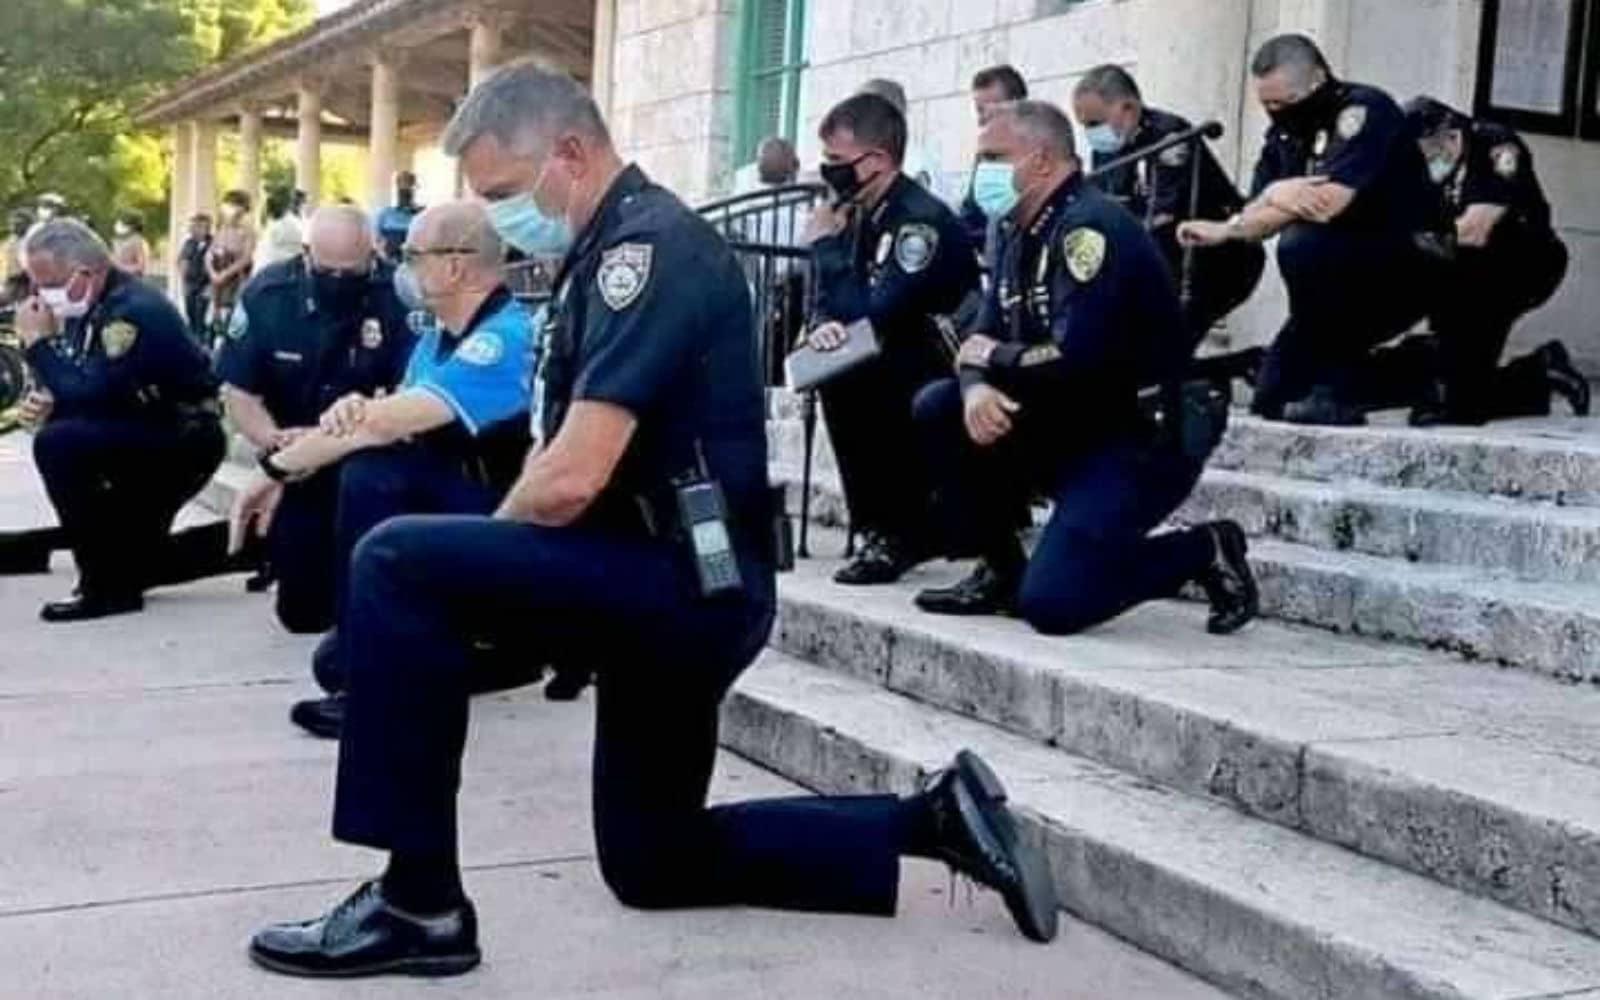 Полиция на коленях: в США по всей стране стражи порядка выражают  солидарность с протестующими - QazWeek